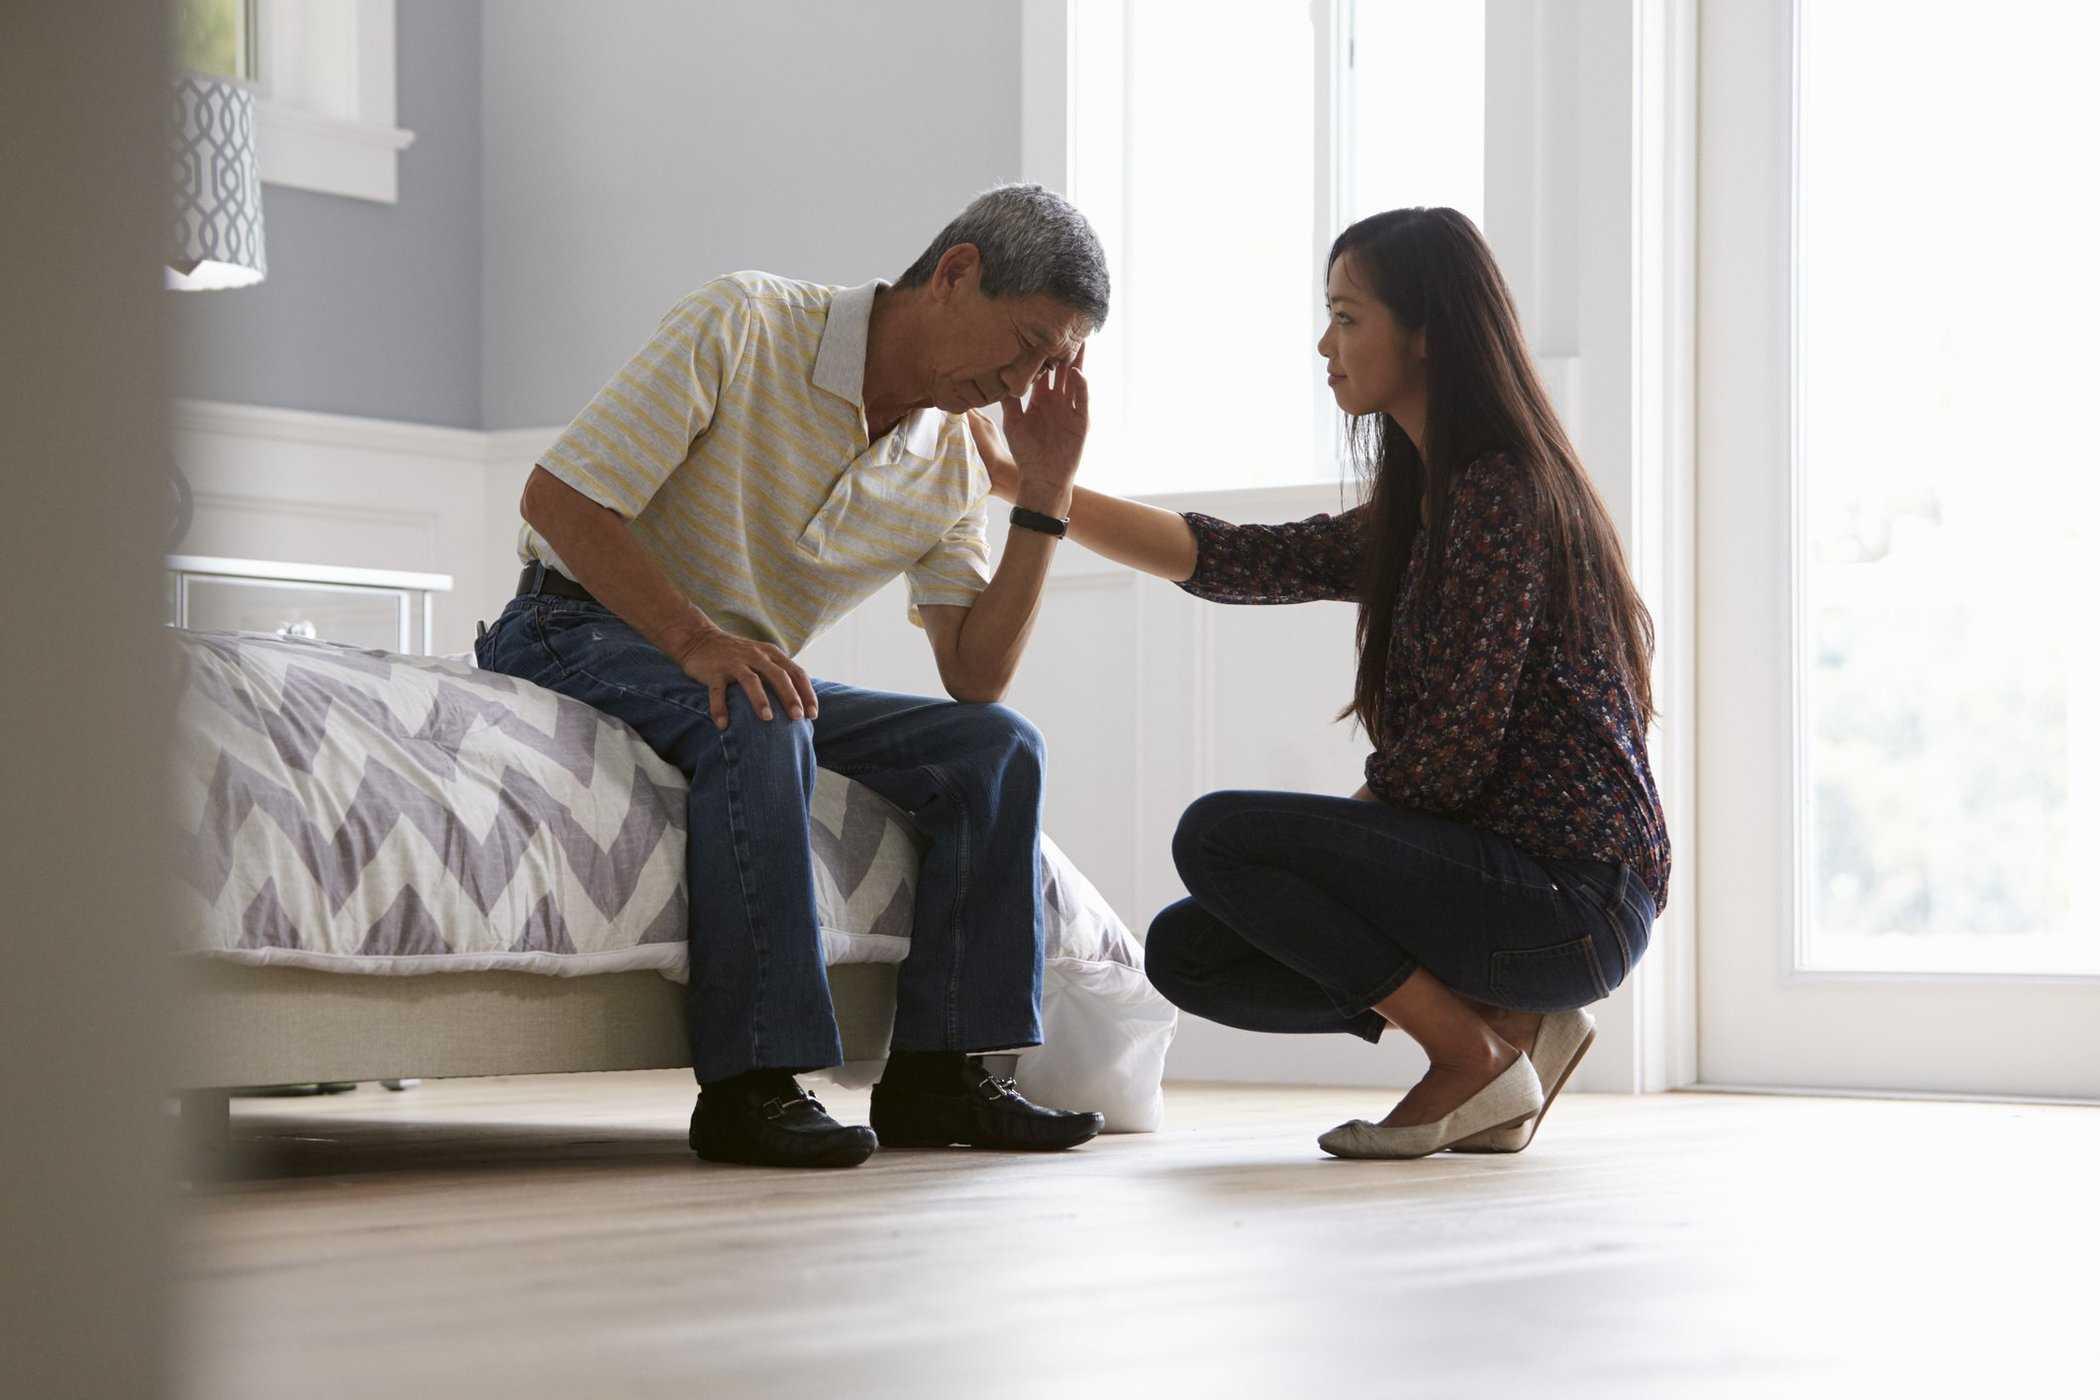 Trầm cảm và một số dấu hiệu nhận biết mọi người nên biết đến 1